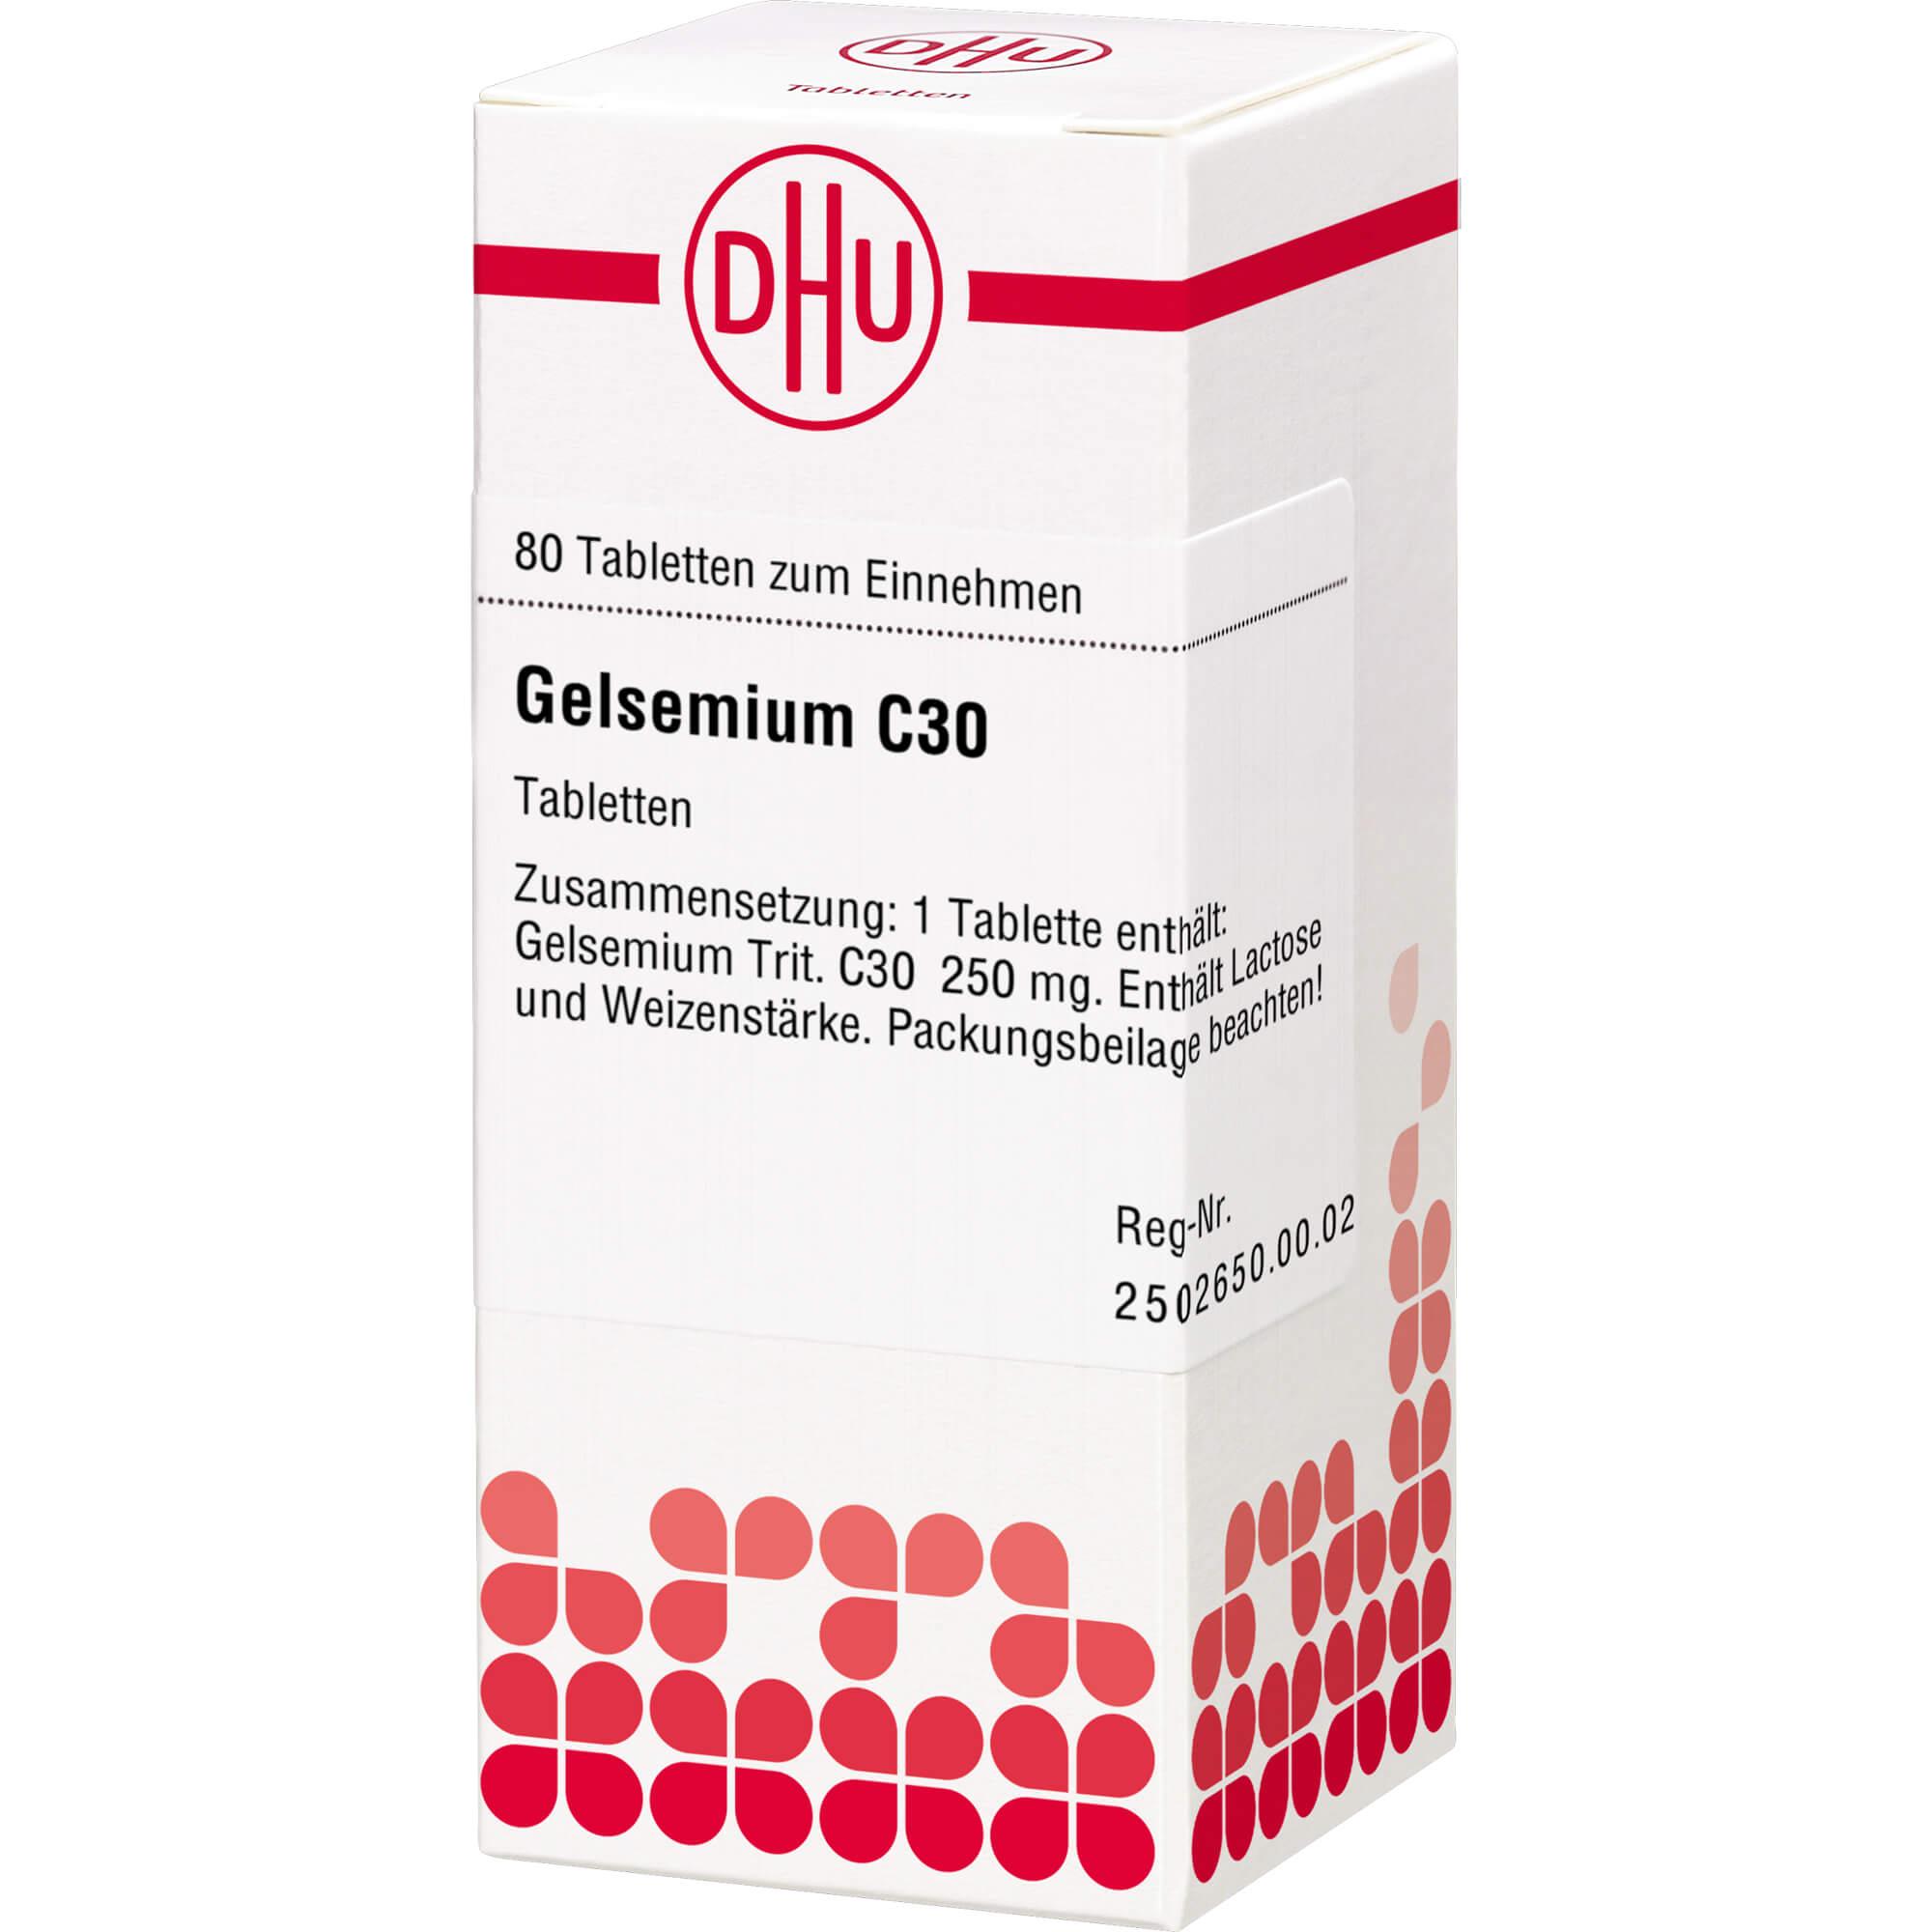 GELSEMIUM C 30 Tabletten